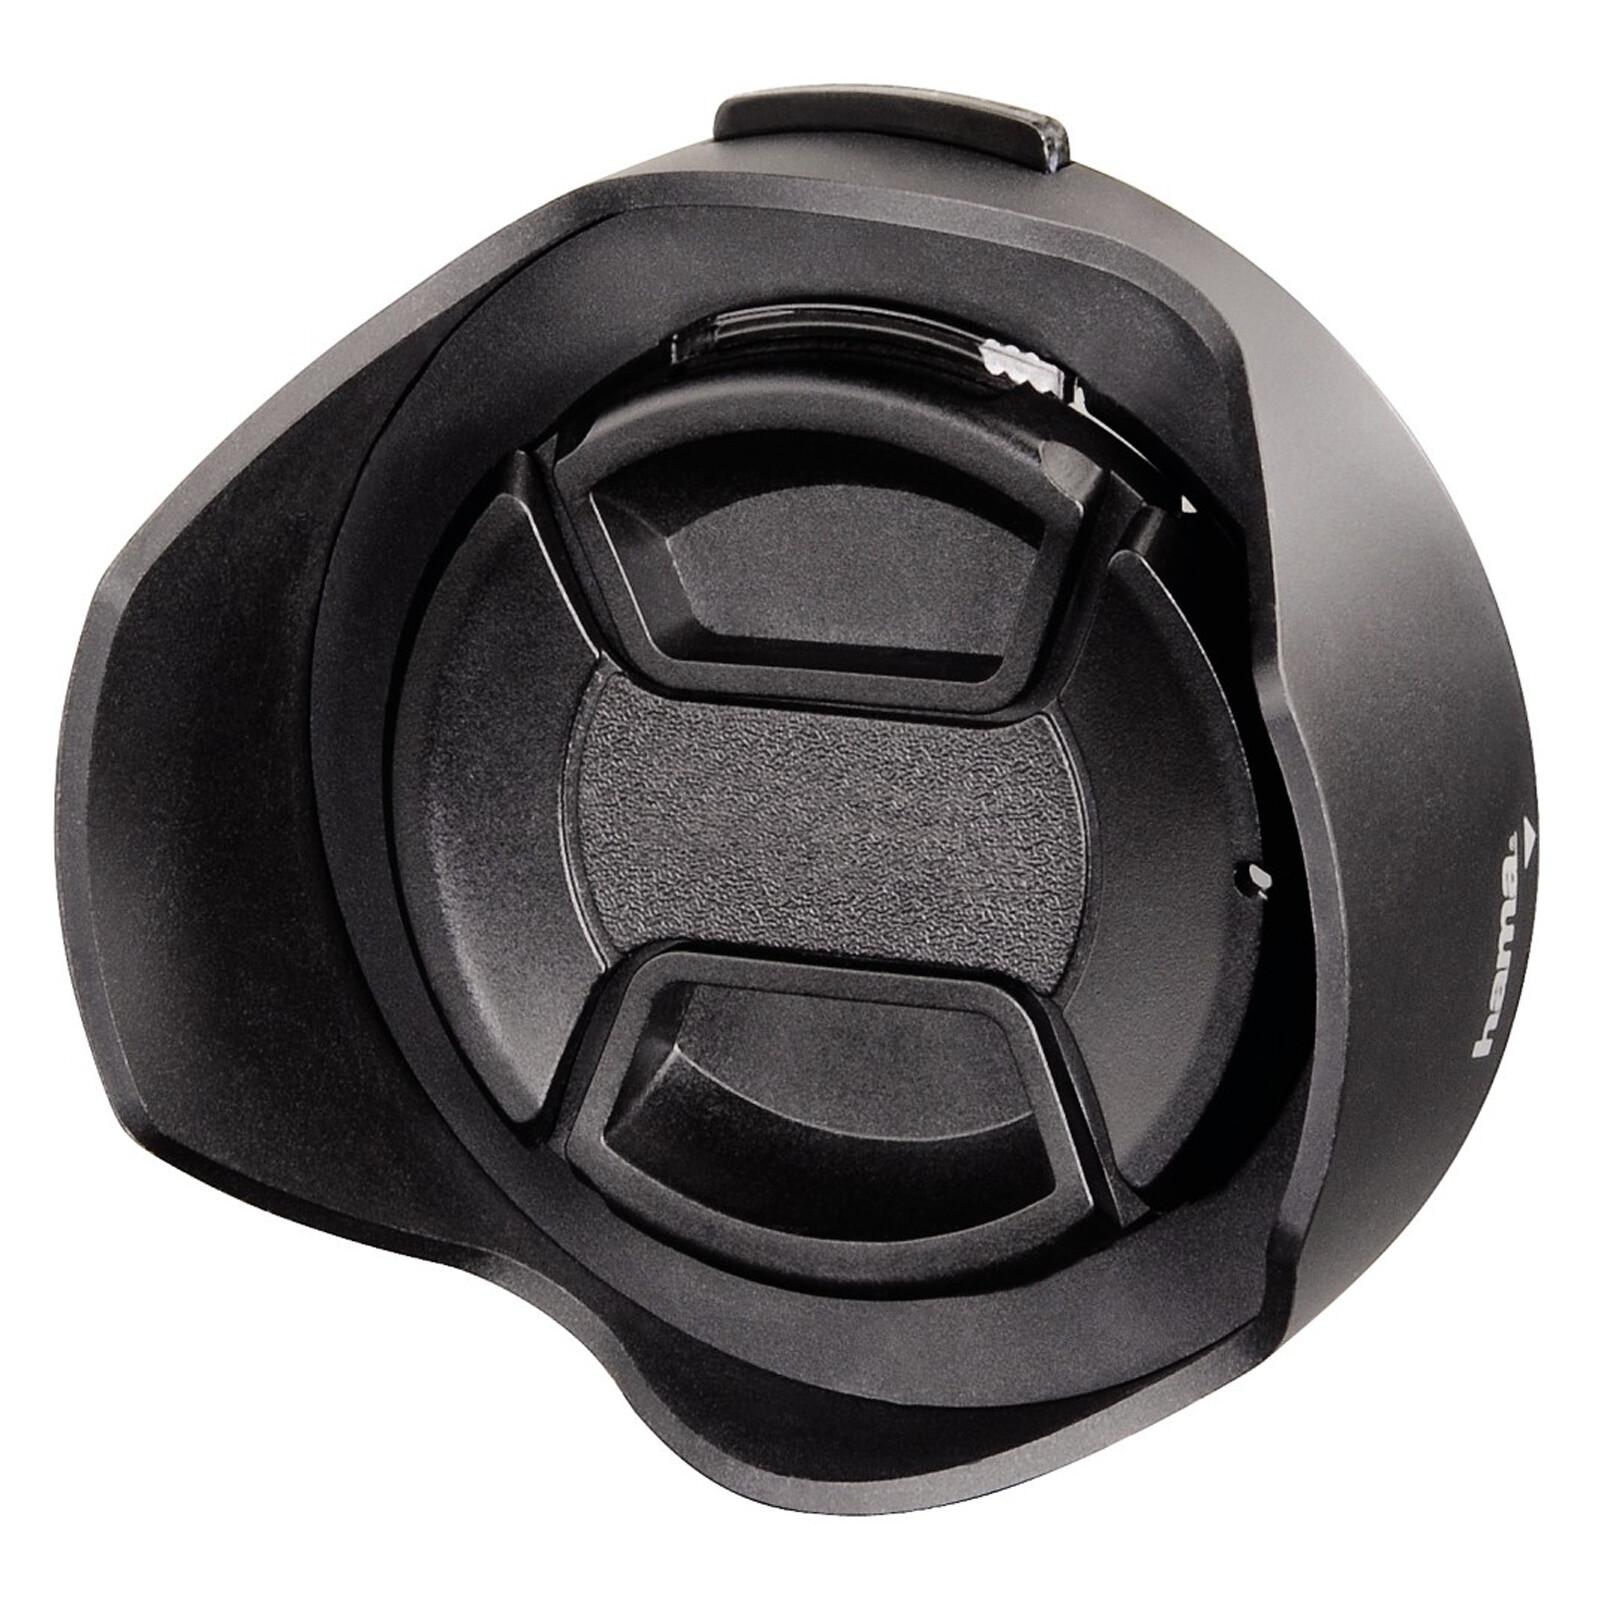 Hama 93677 Gegenlichtblende 77mm mit Objektivdeckel